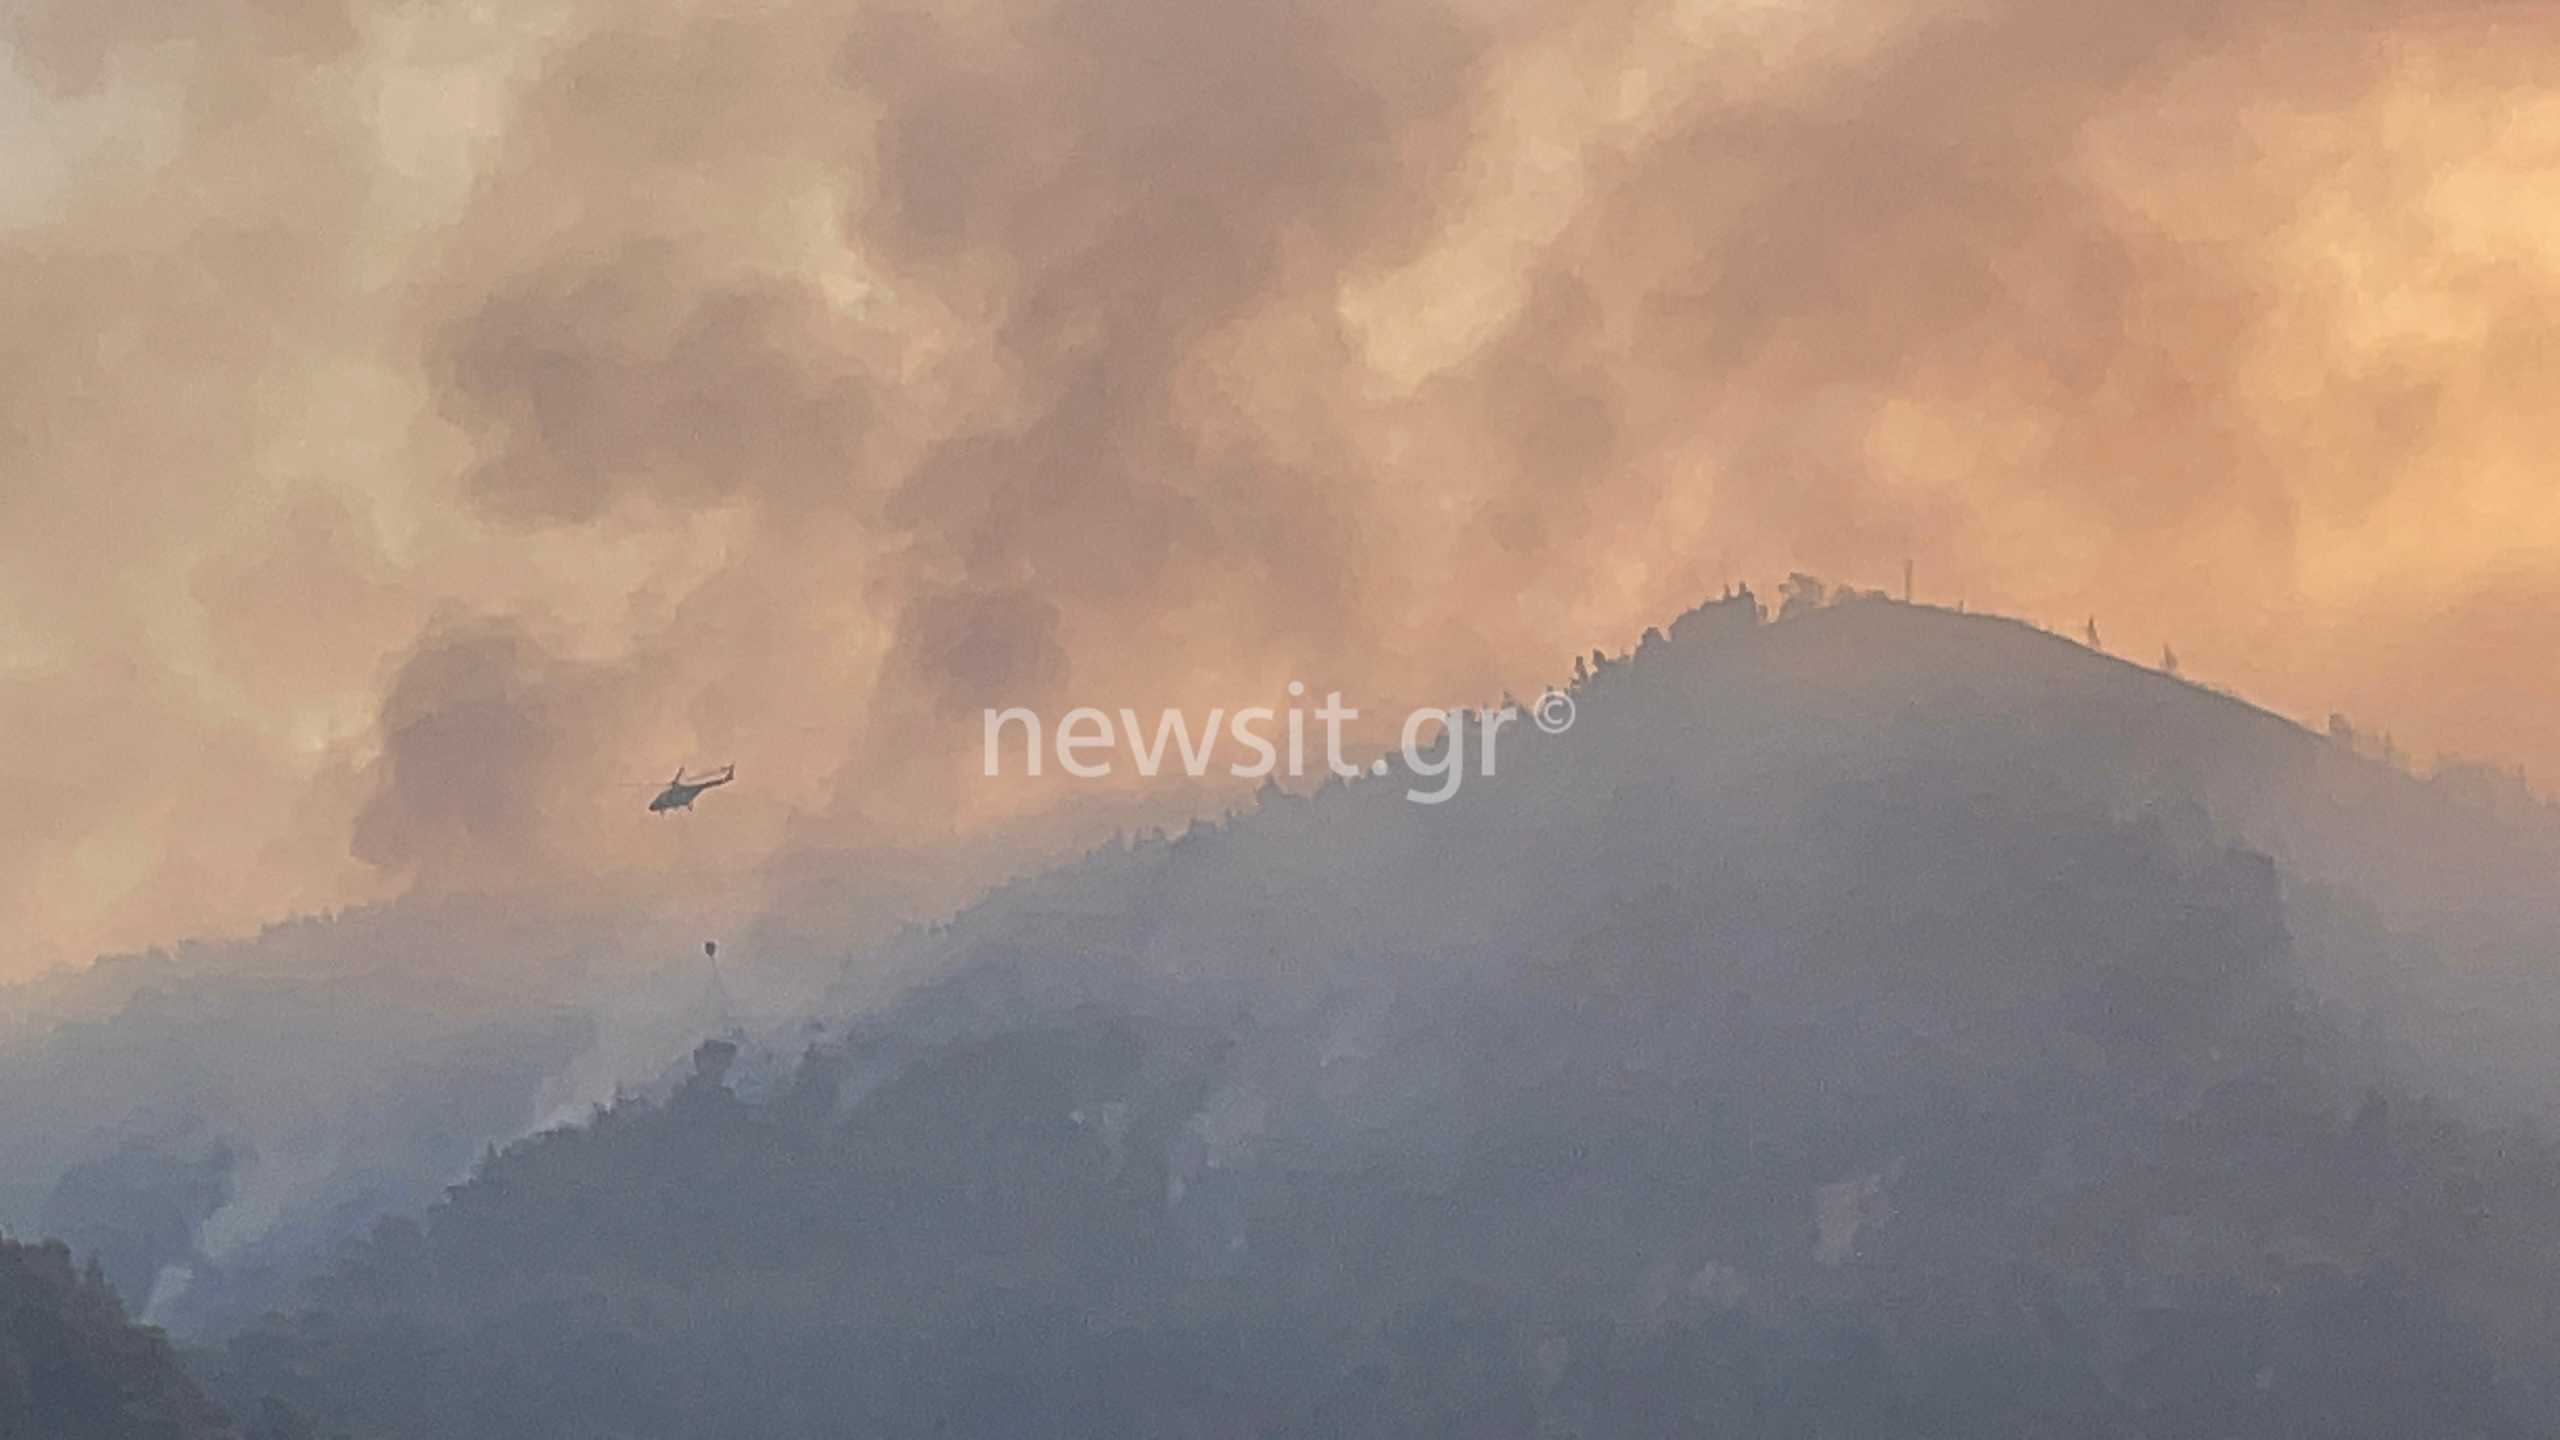 Φωτιά στην Εύβοια: Δραματική επιχείρηση εκκένωσης 158 ανθρώπων από Κρύα Βρύση και Αγία Άννα